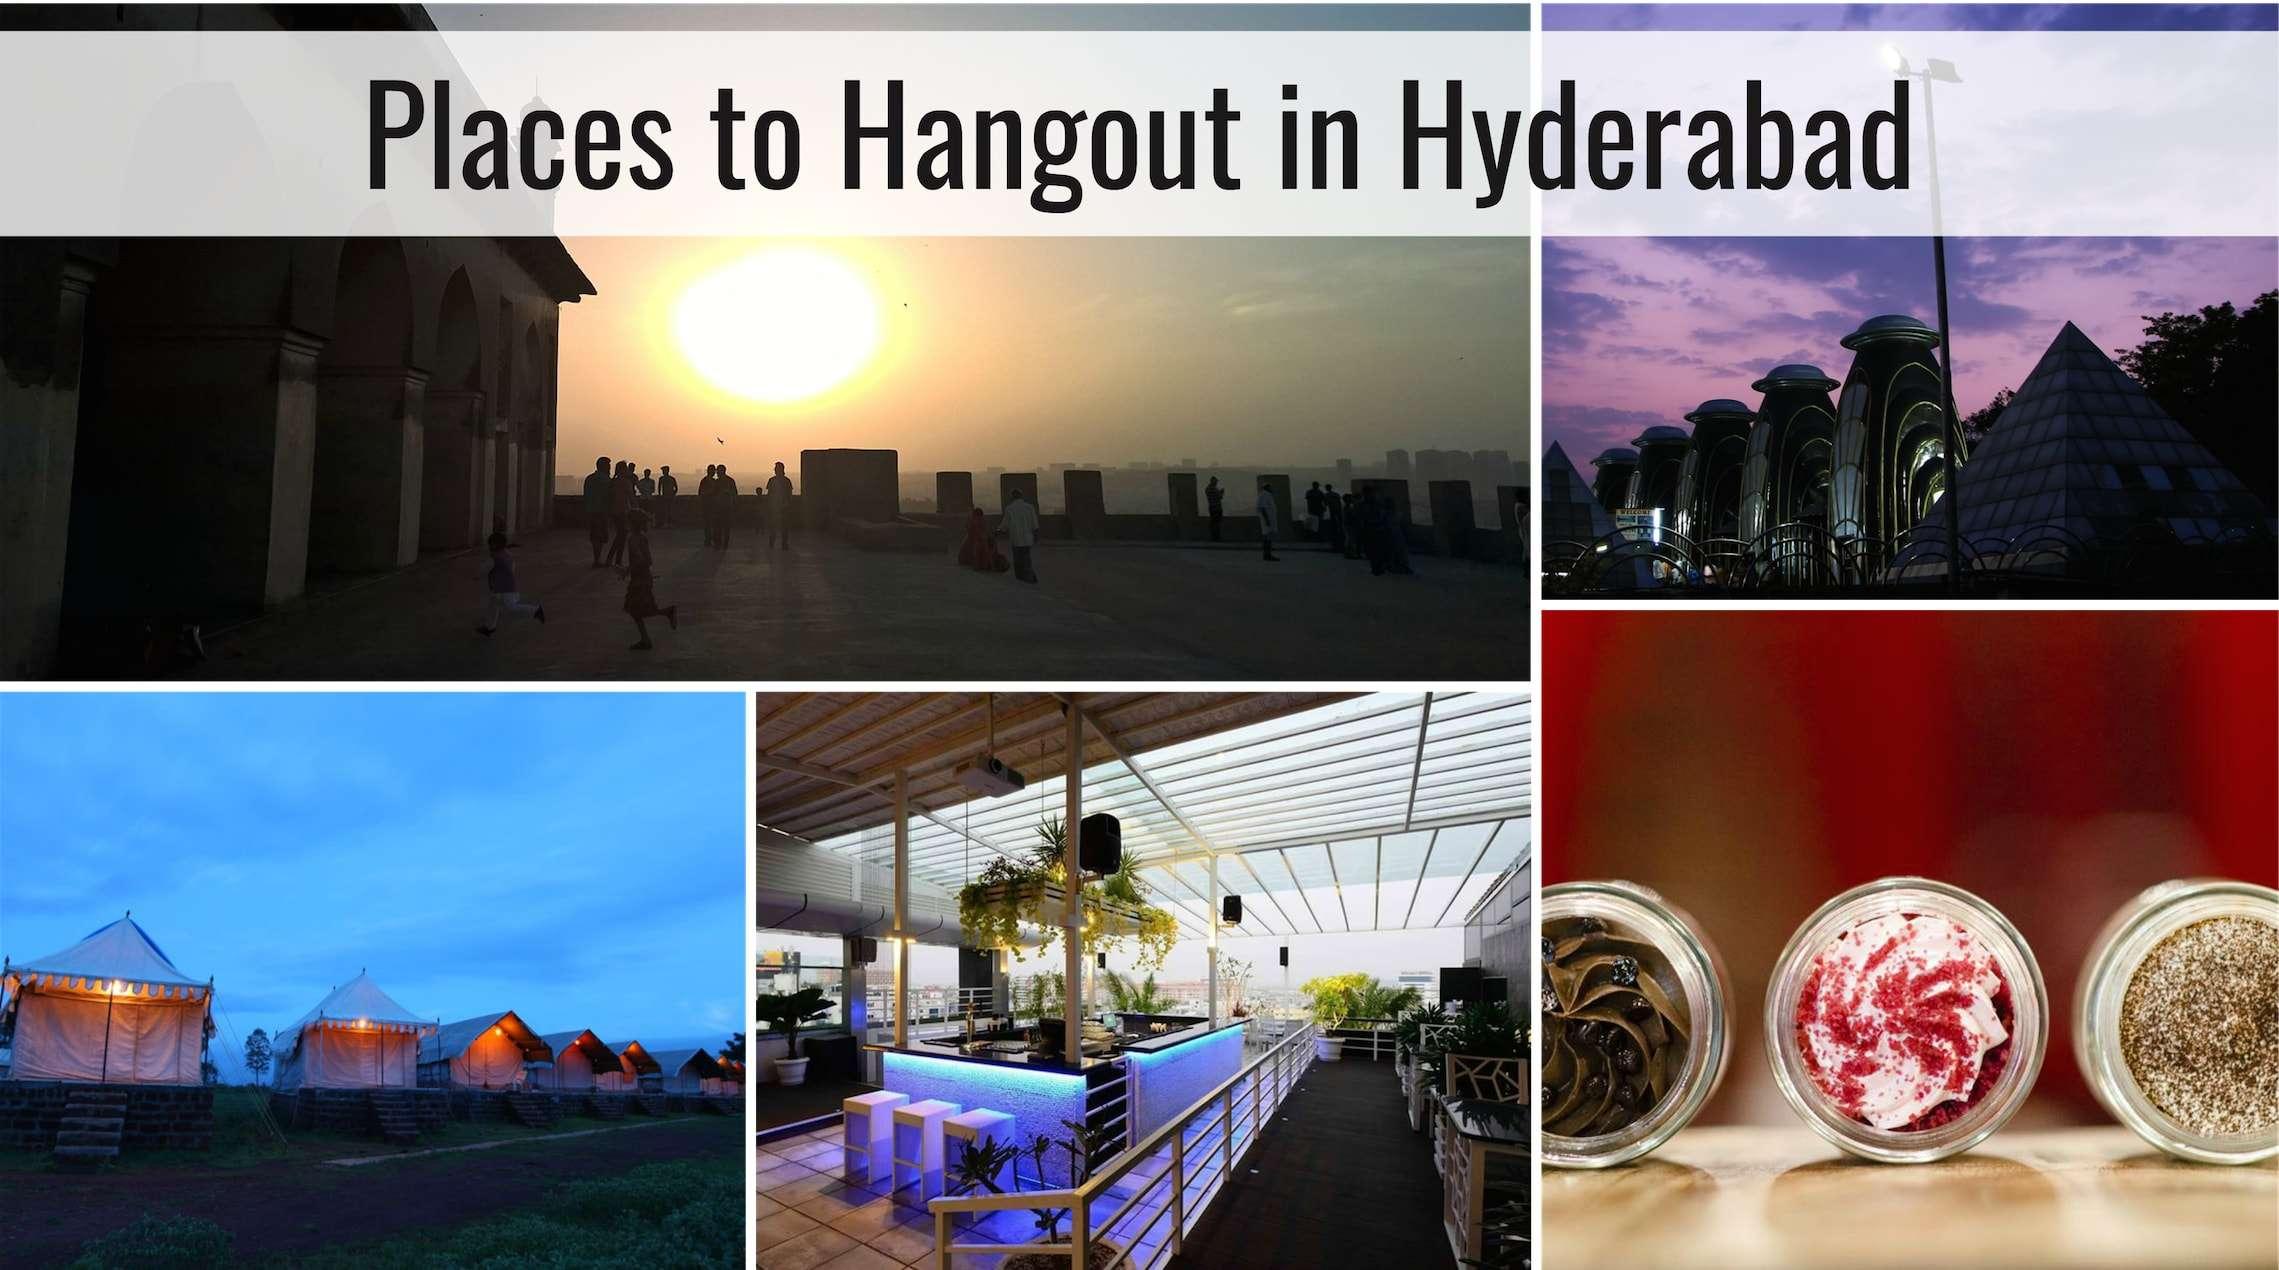 Hangout-Hyderabad.jpg